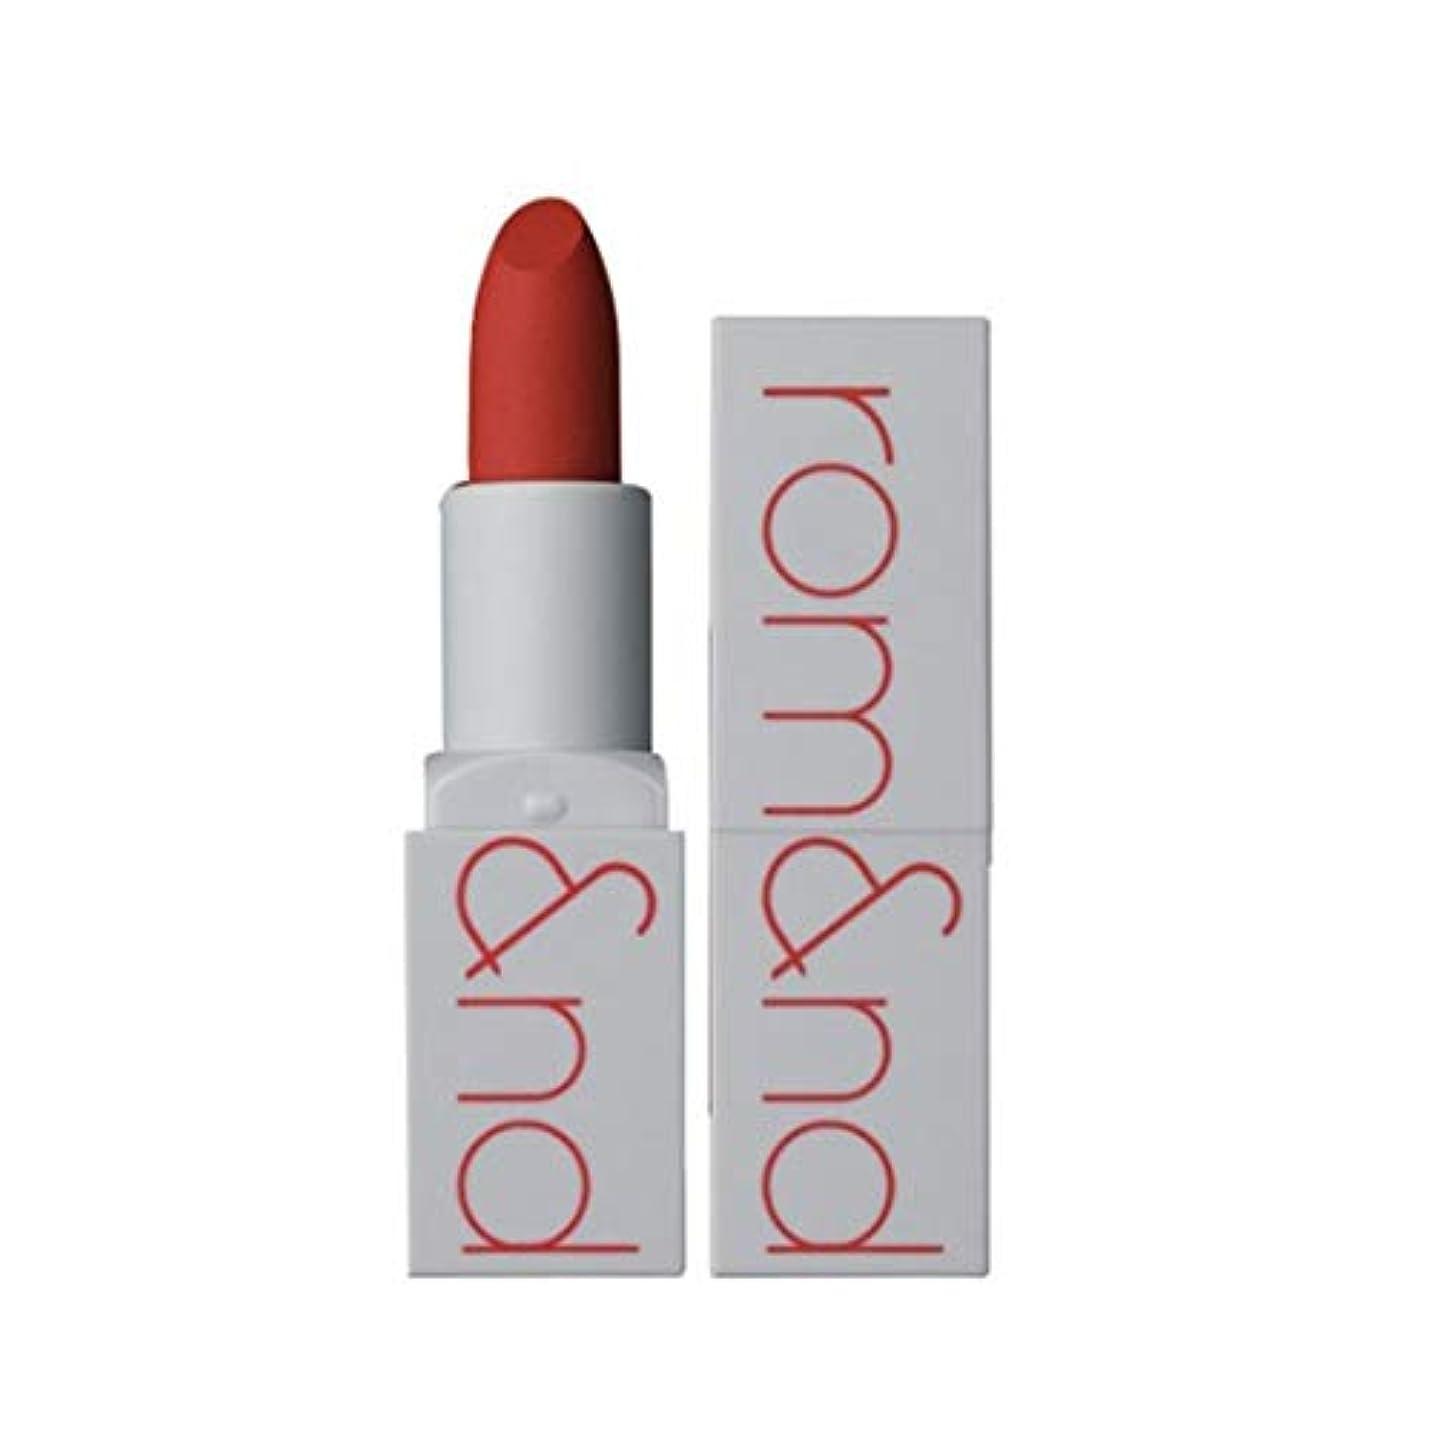 低いファセット九時四十五分ローム?アンド?ゼログラムマットリップスティック3.5g 4色、Rom&nd Zero Gram Matte Lipstick 3.5g 4 Colors [並行輸入品] (All That Jazz)